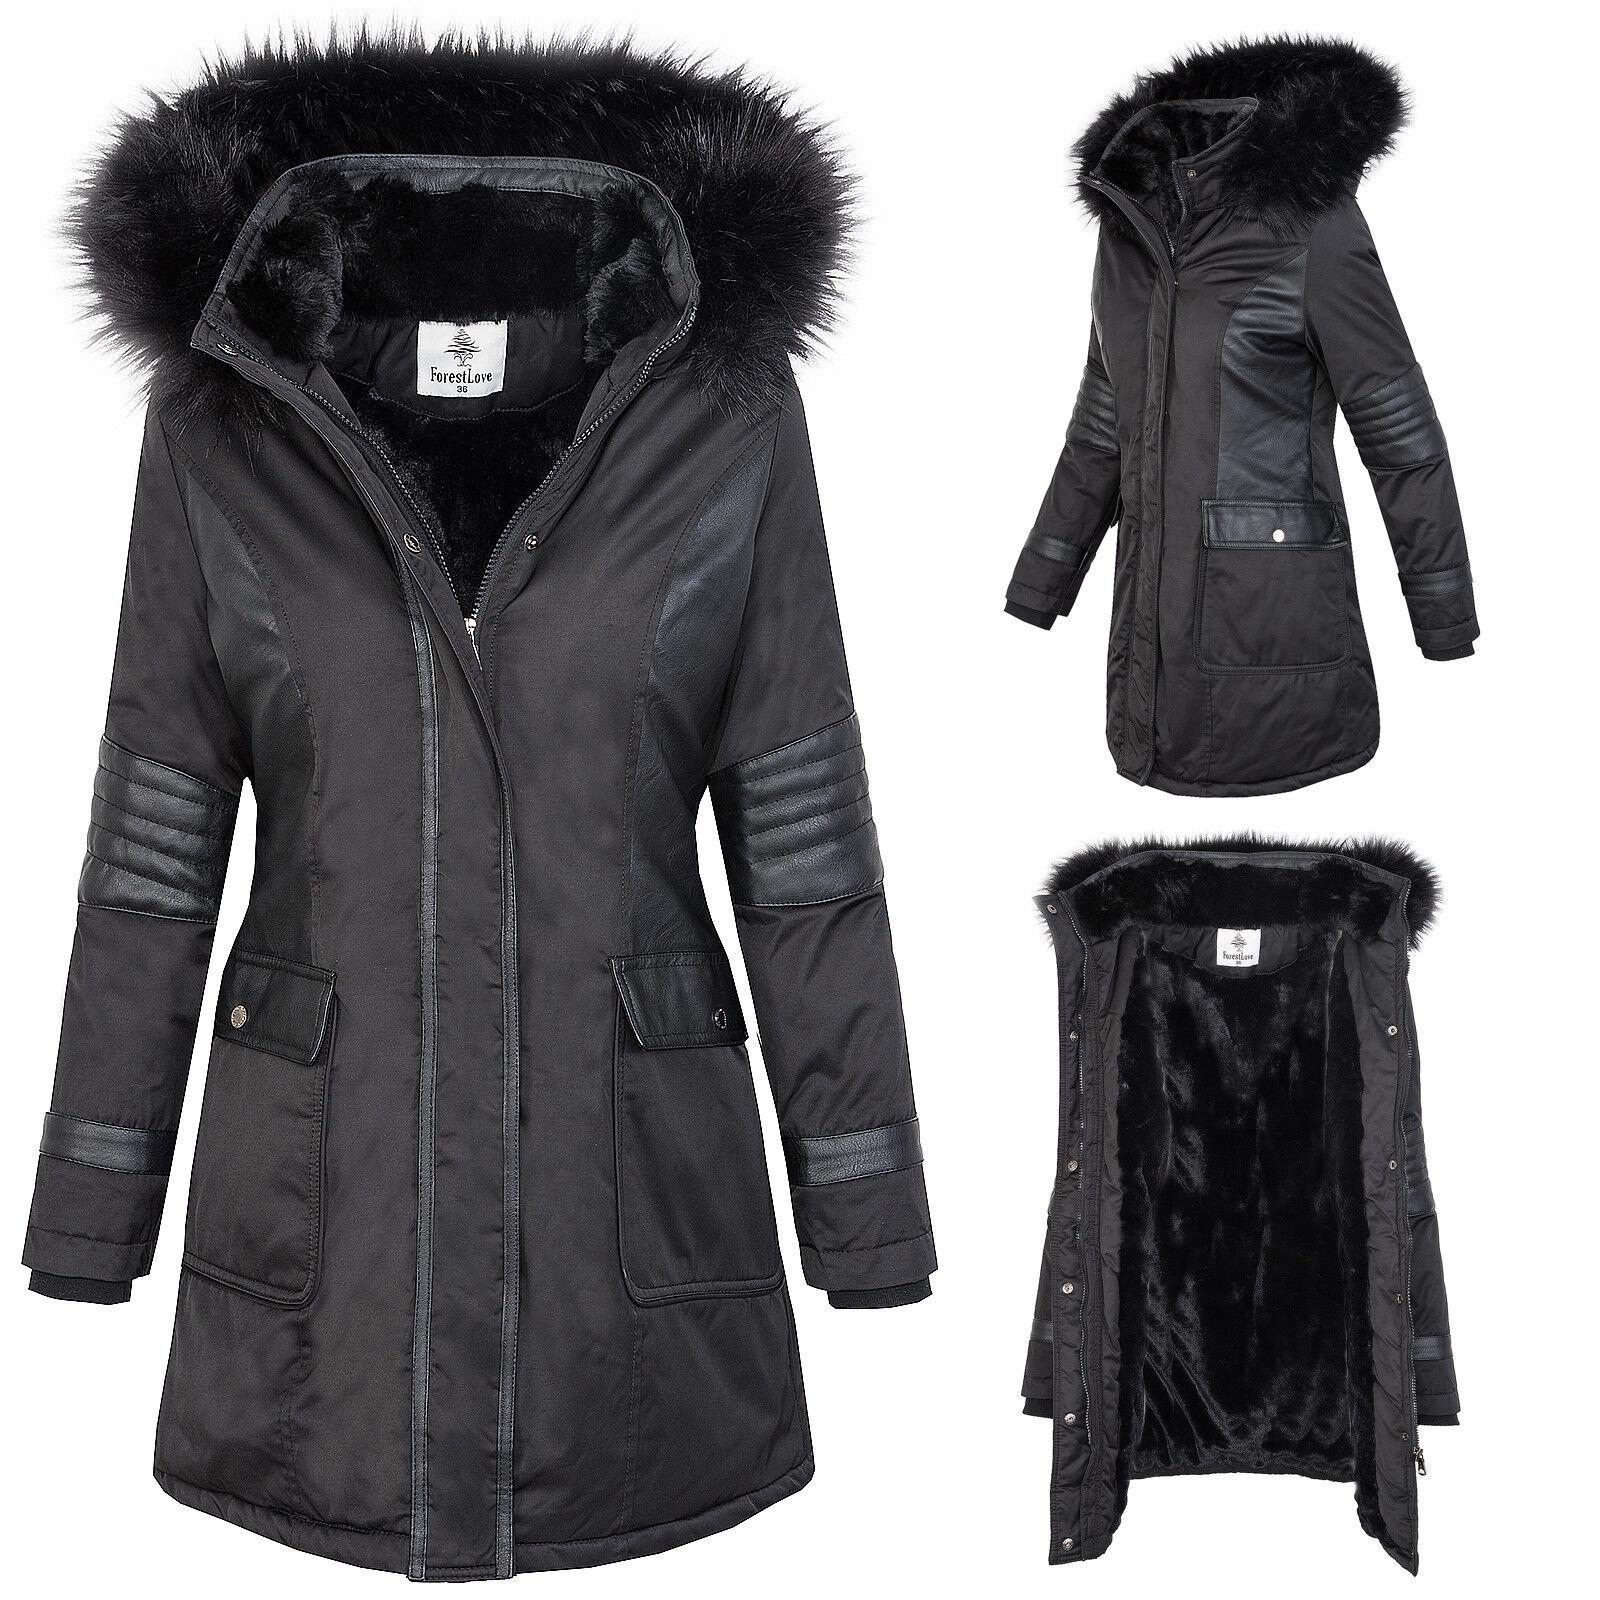 Giacca da women per Esterno a Vento Mantella Invernale Nera Foderato D-369 S-XL